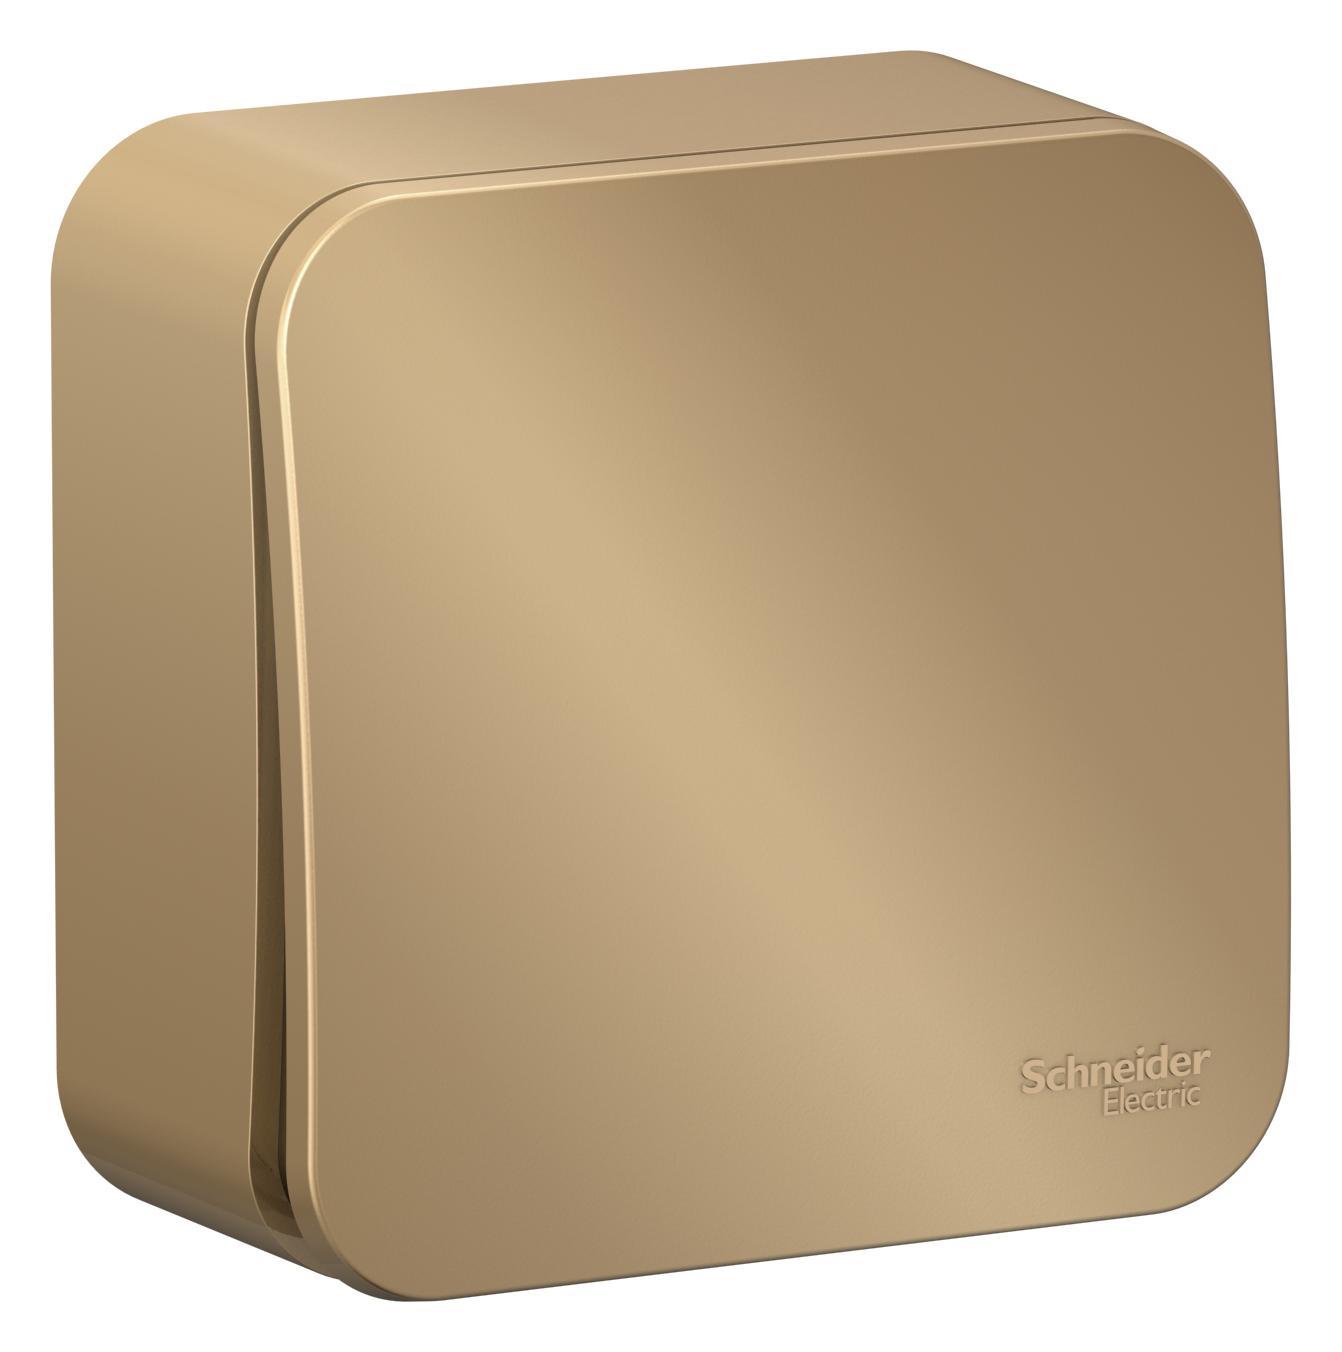 Выключатель Schneider electric Blnva101004 blanca выключатель schneider electric blnva105014 blanca